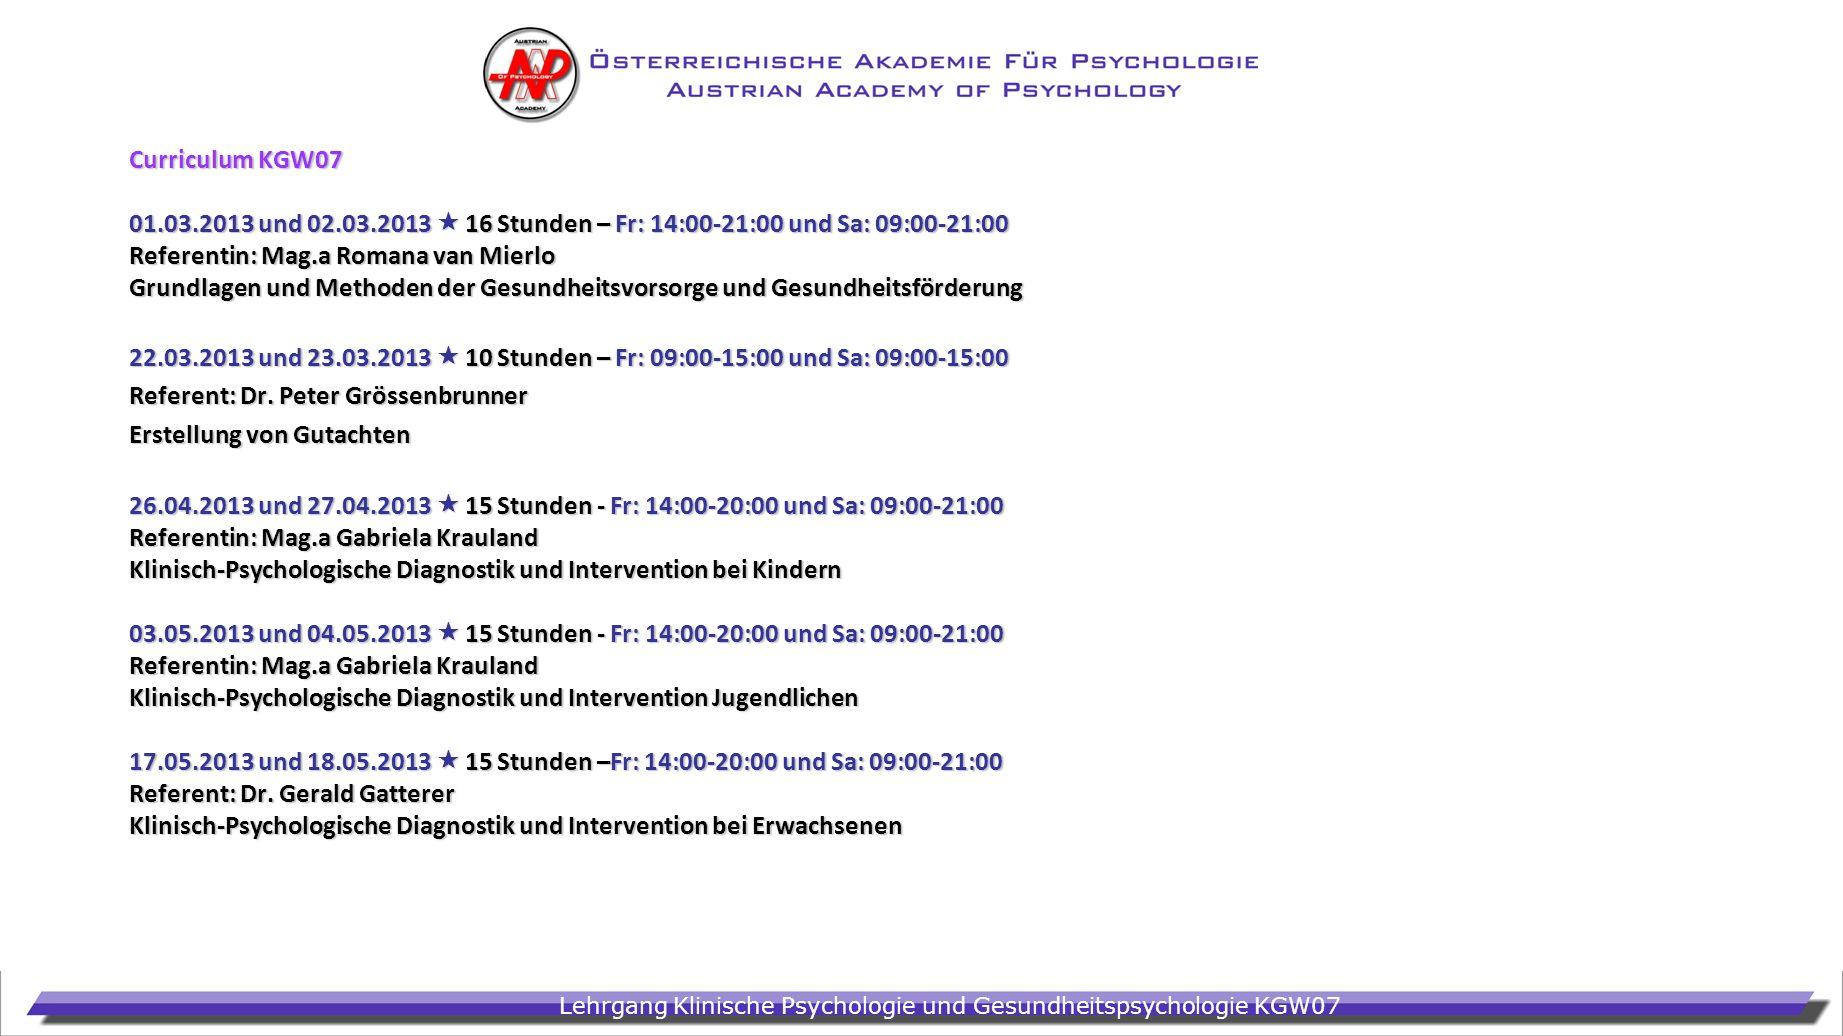 Curriculum KGW07 01.03.2013 und 02.03.2013  16 Stunden – Fr: 14:00-21:00 und Sa: 09:00-21:00. Referentin: Mag.a Romana van Mierlo.